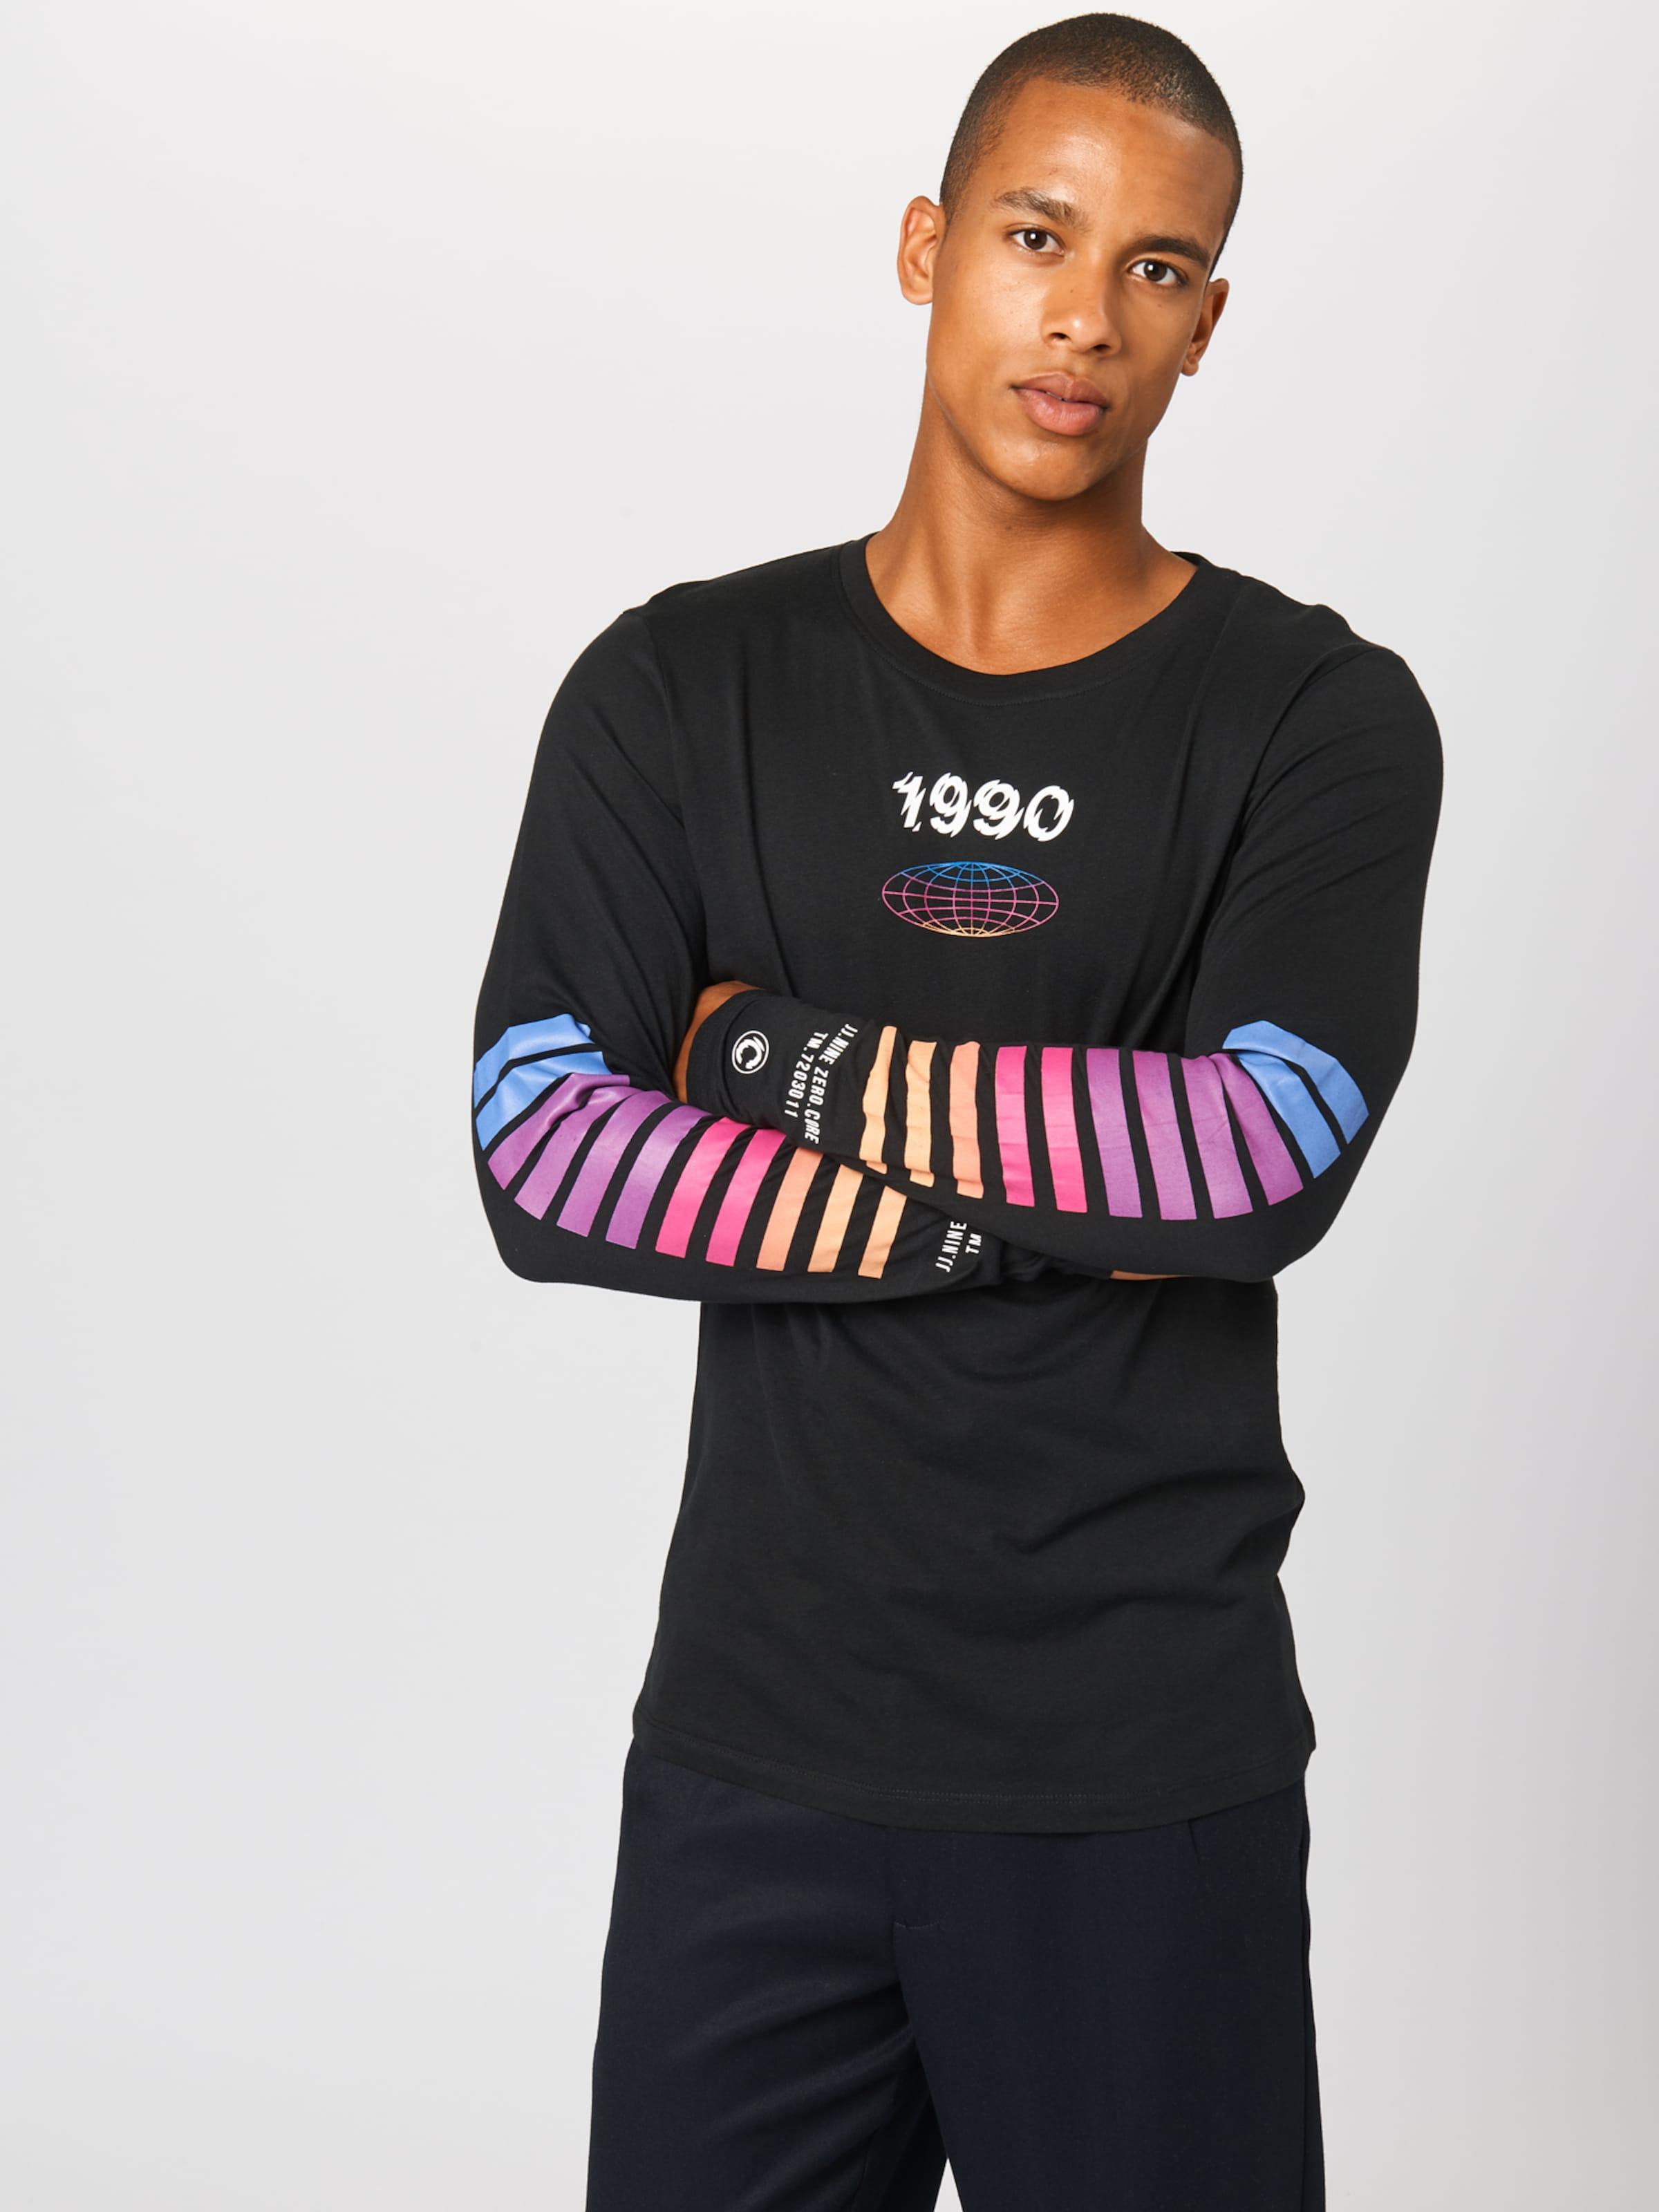 MischfarbenSchwarz Jones Jackamp; Shirt In 'ombre' 5q4AL3jR